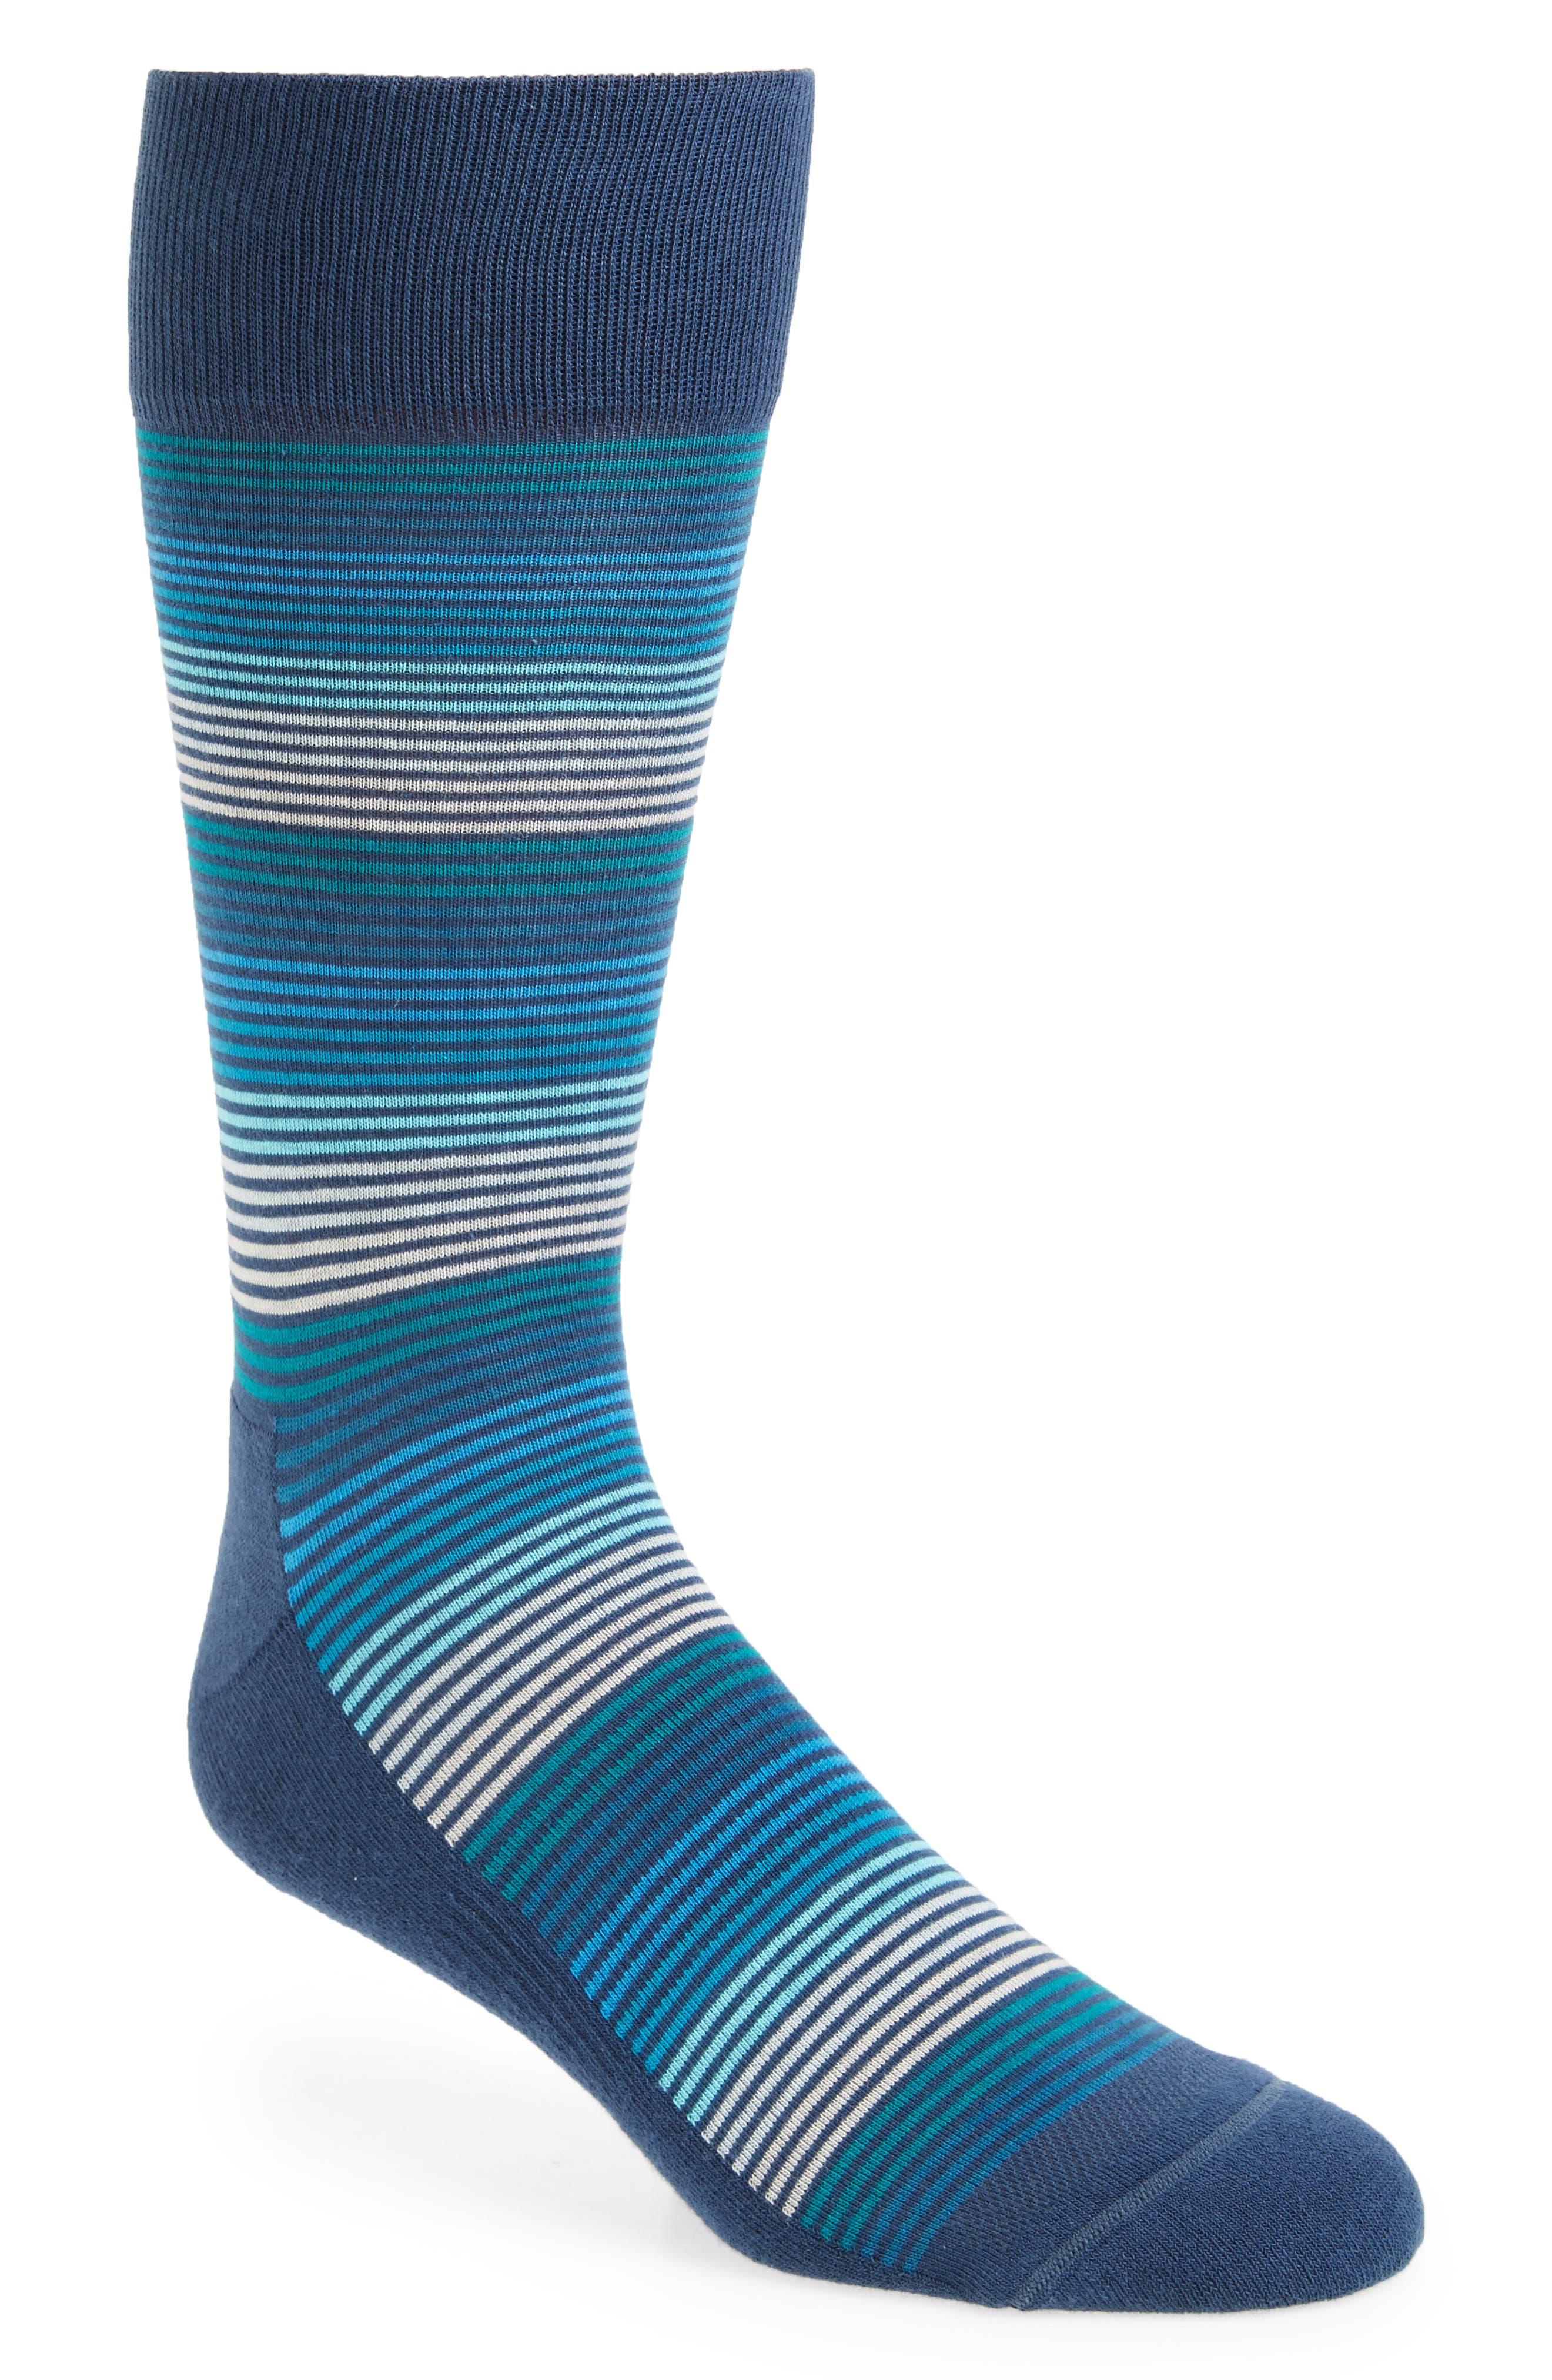 Nordstrom Men's Shop Gradient Feeder Stripe Socks (3 for $30)